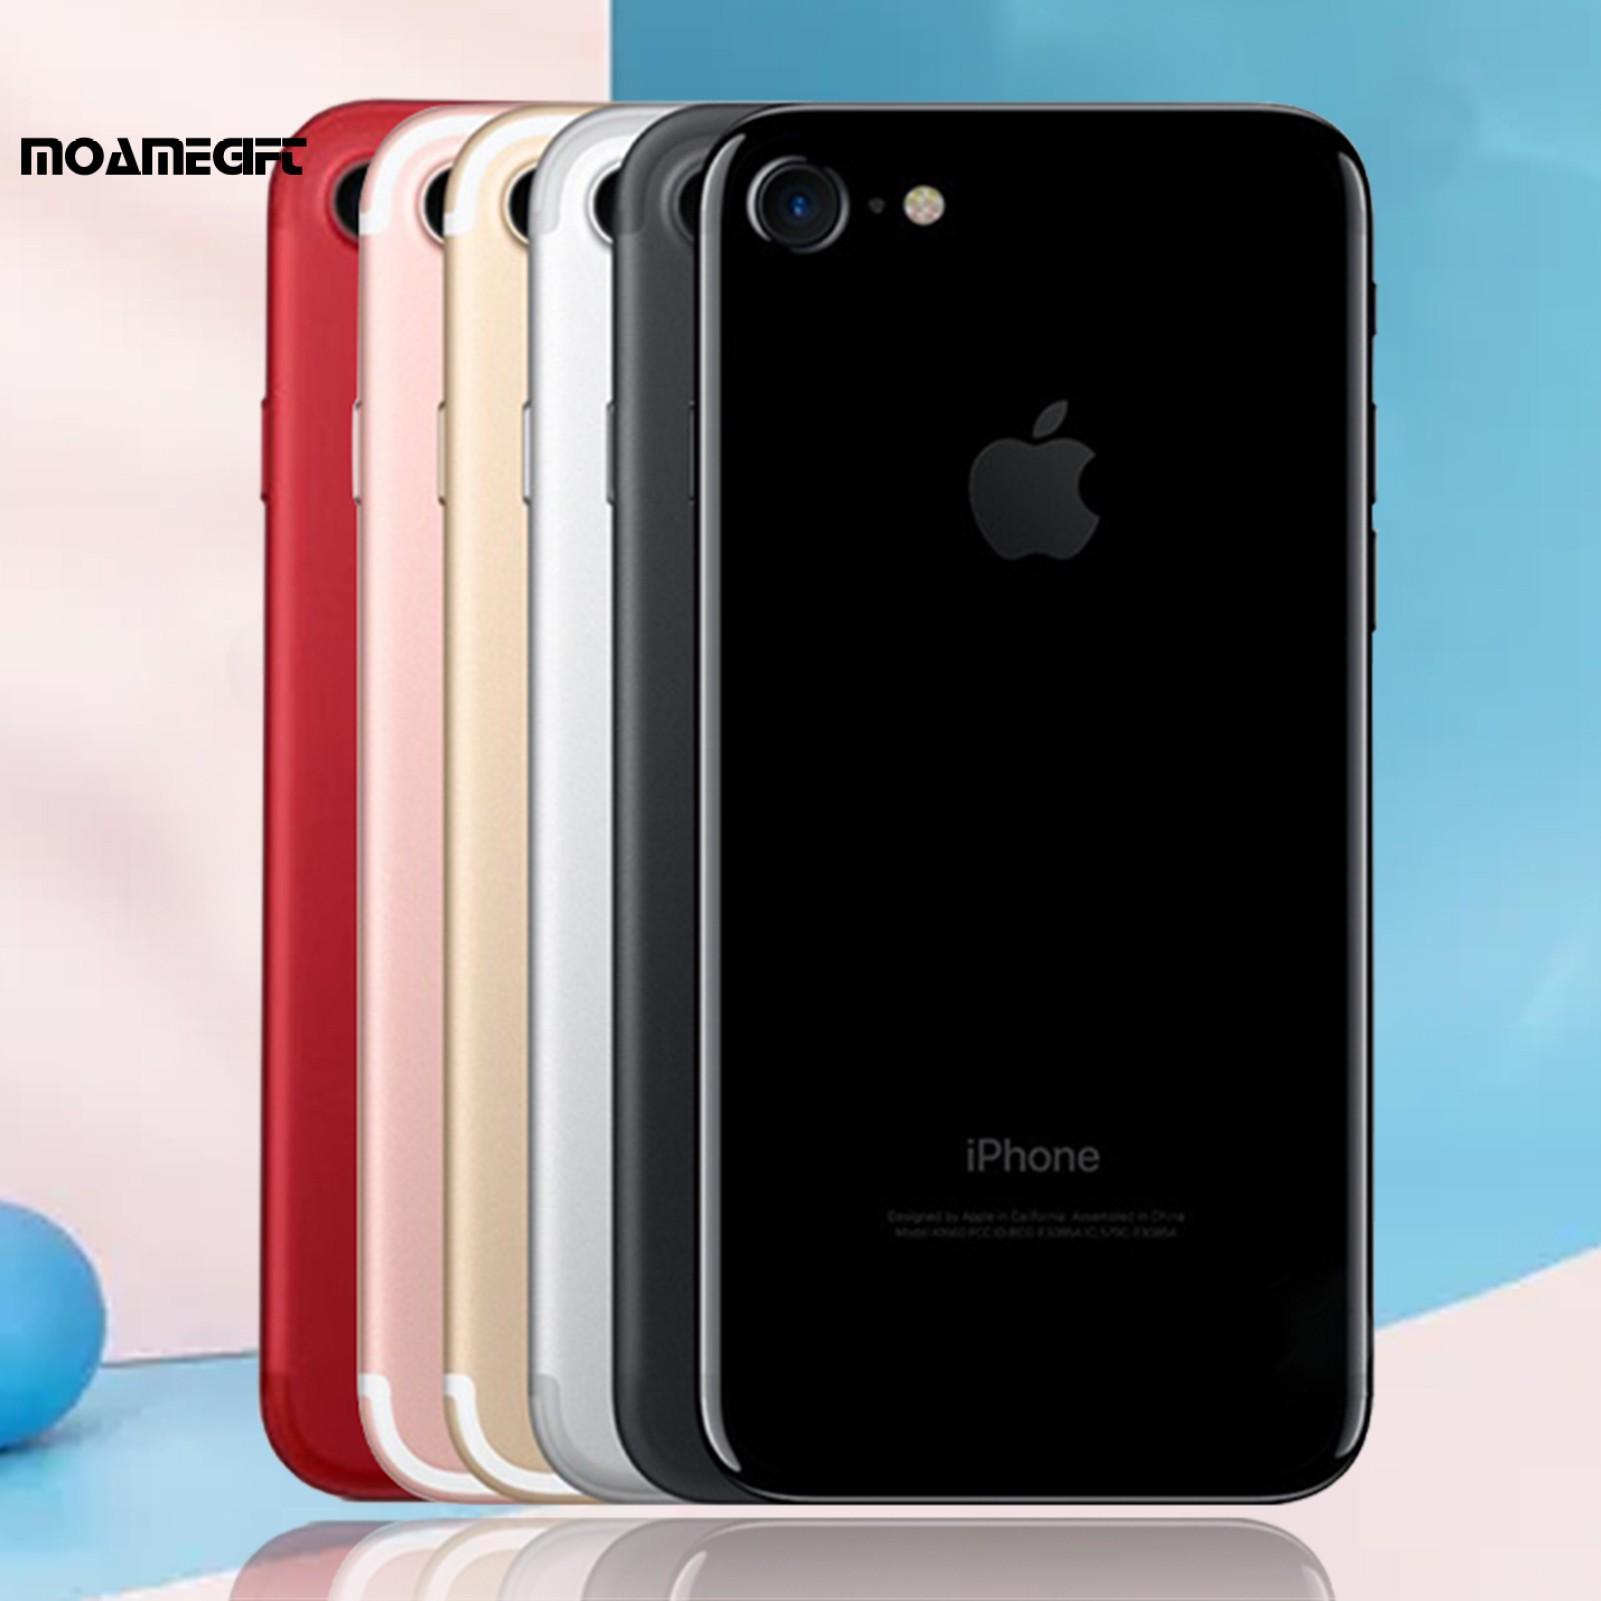 Moamegift อุปกรณ์เสริมโทรศัพท์มือถือ 4.7 นิ้ว Quad-Core A10 4G สมาร์ทโฟน 3D สมาร์ทโฟนสําหรับ Ios dmR3